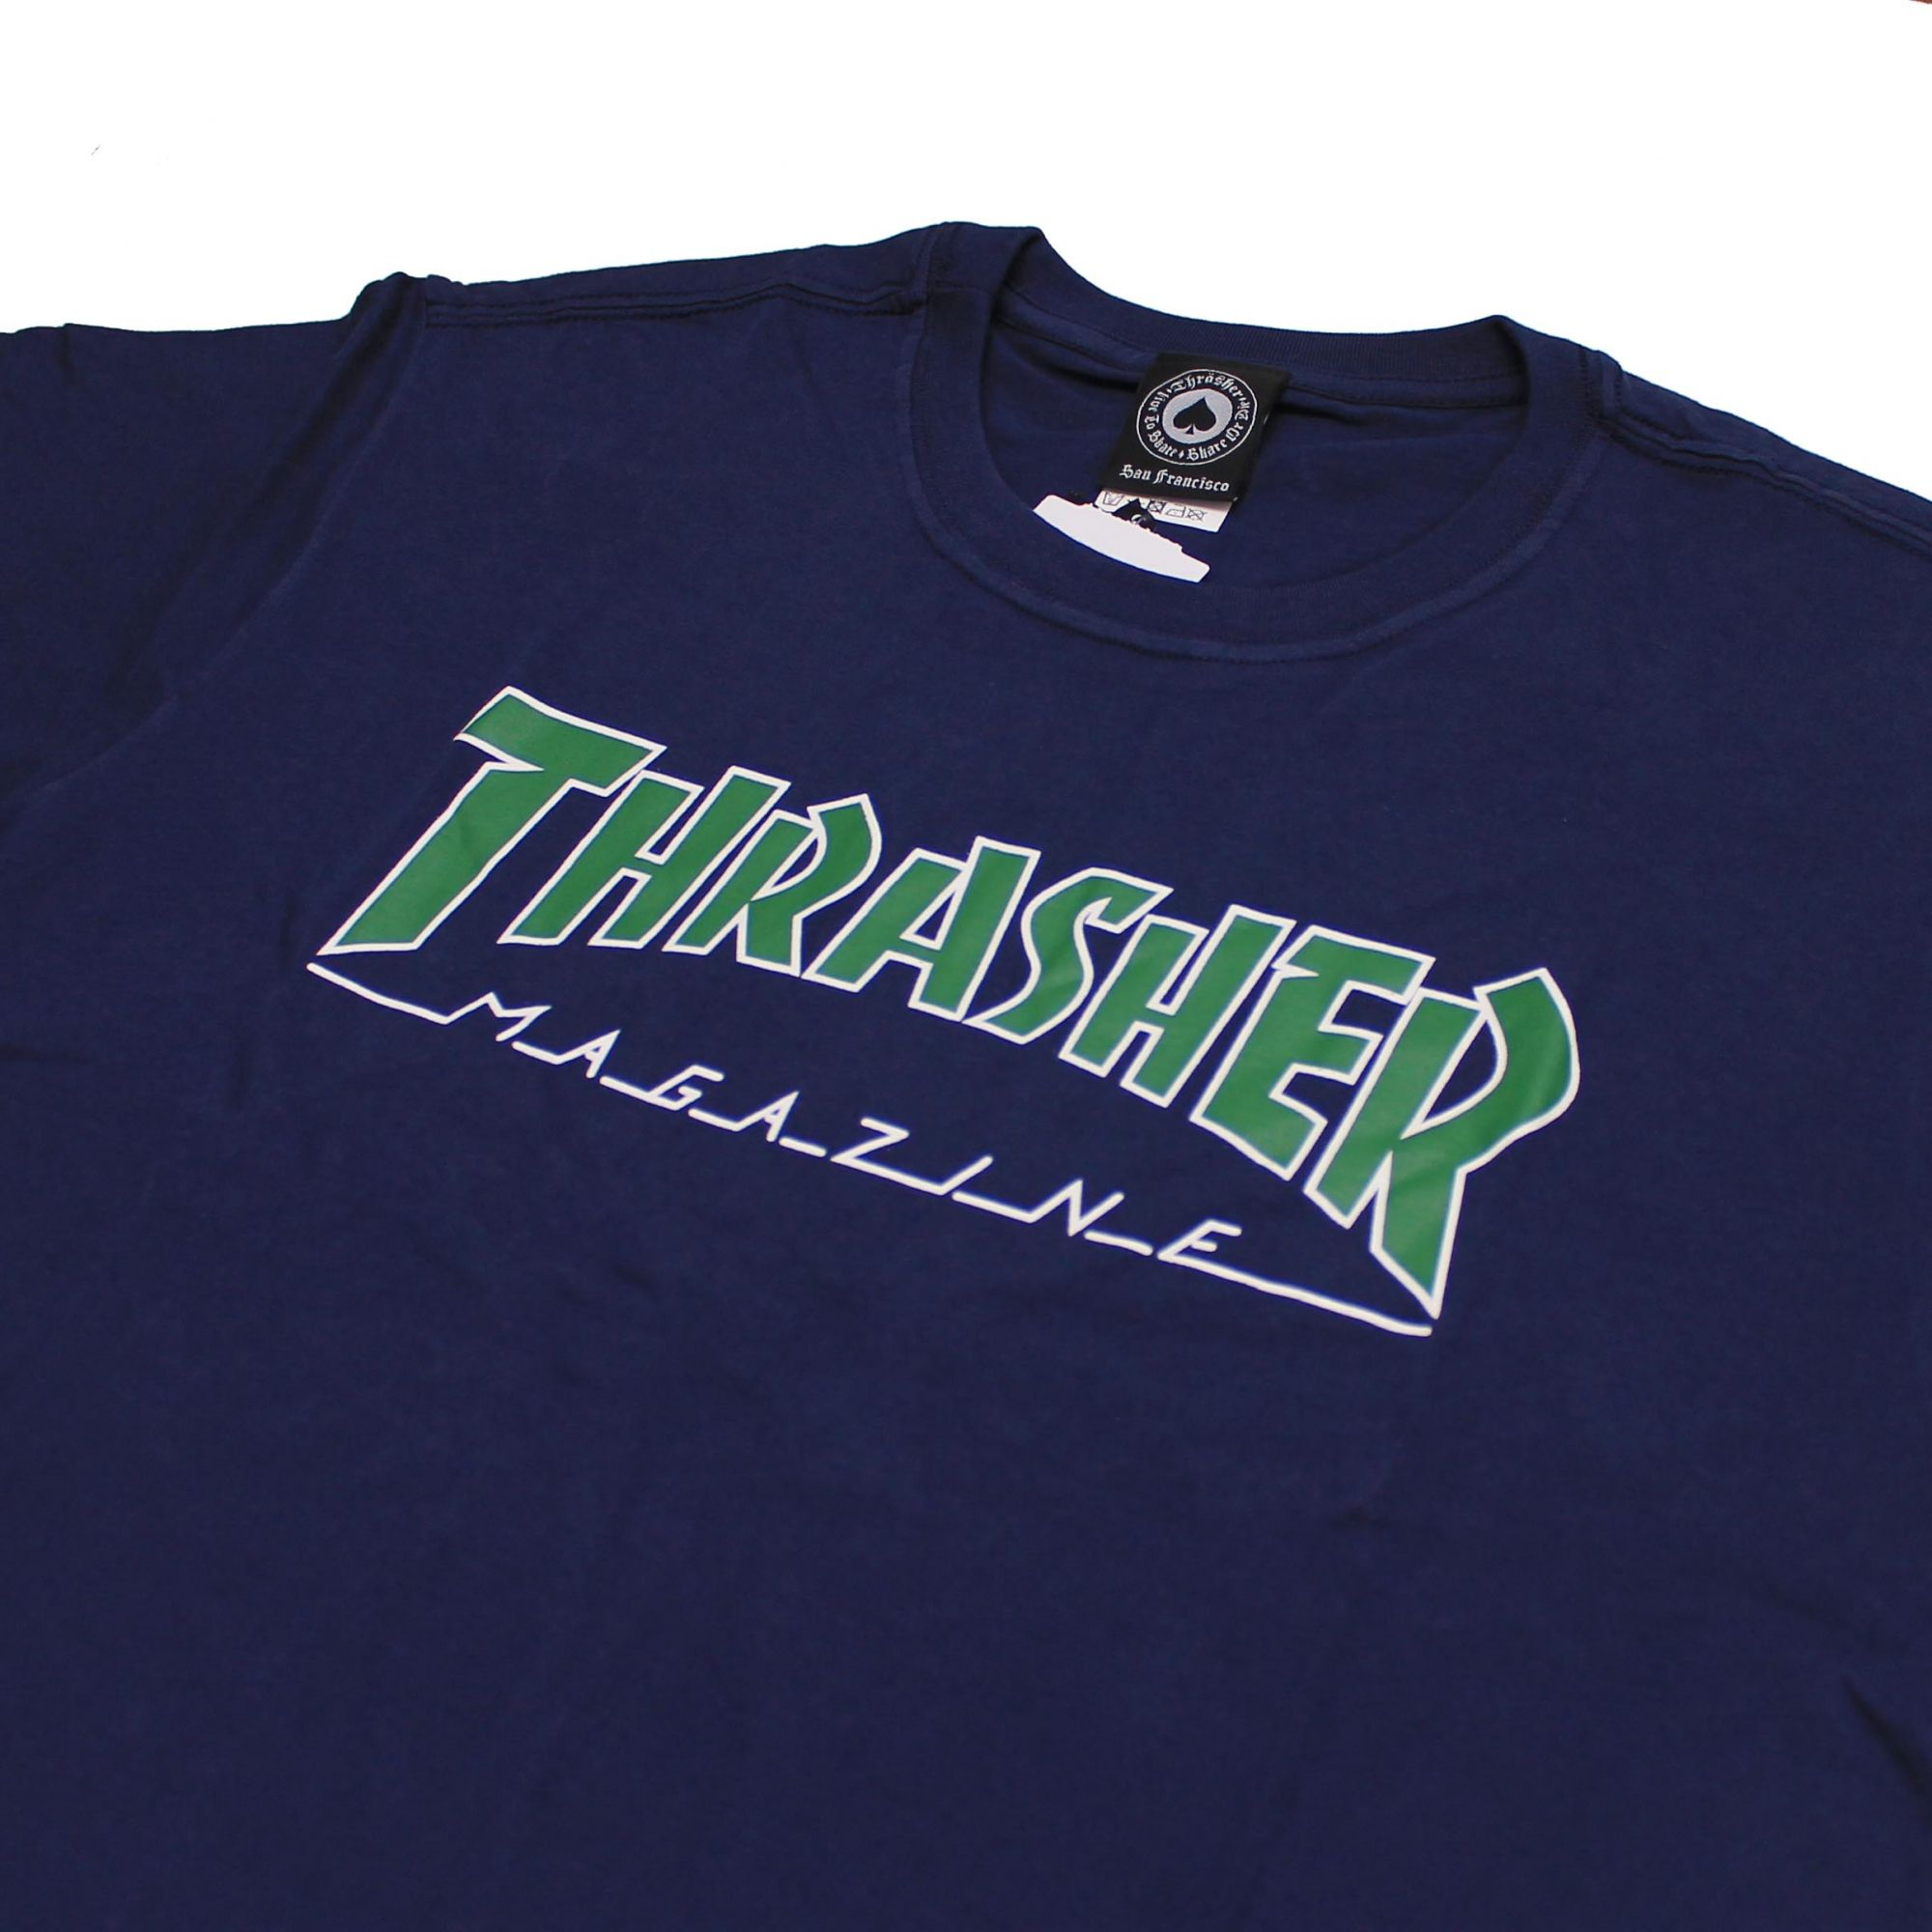 Camiseta Thrasher Magazine Outlined Azul Marinho